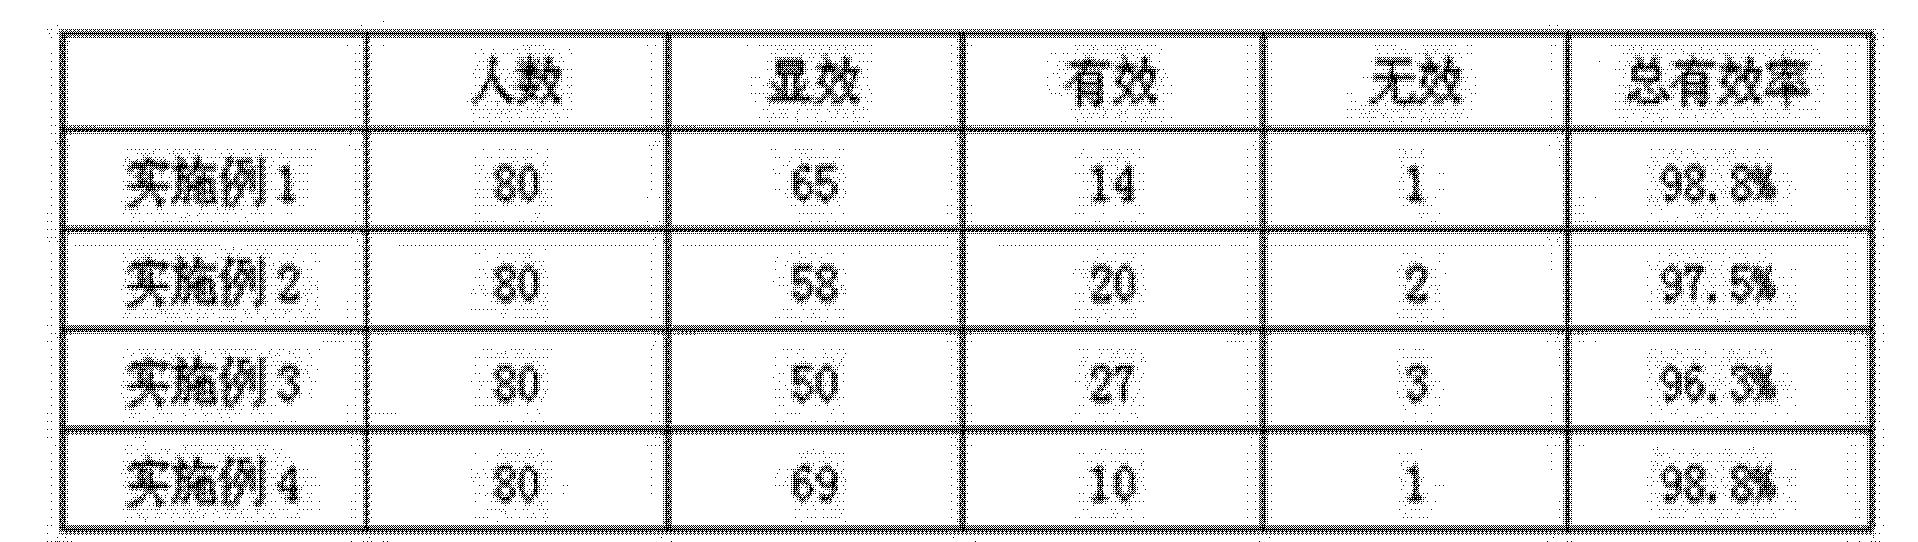 Figure CN102178894BD00111